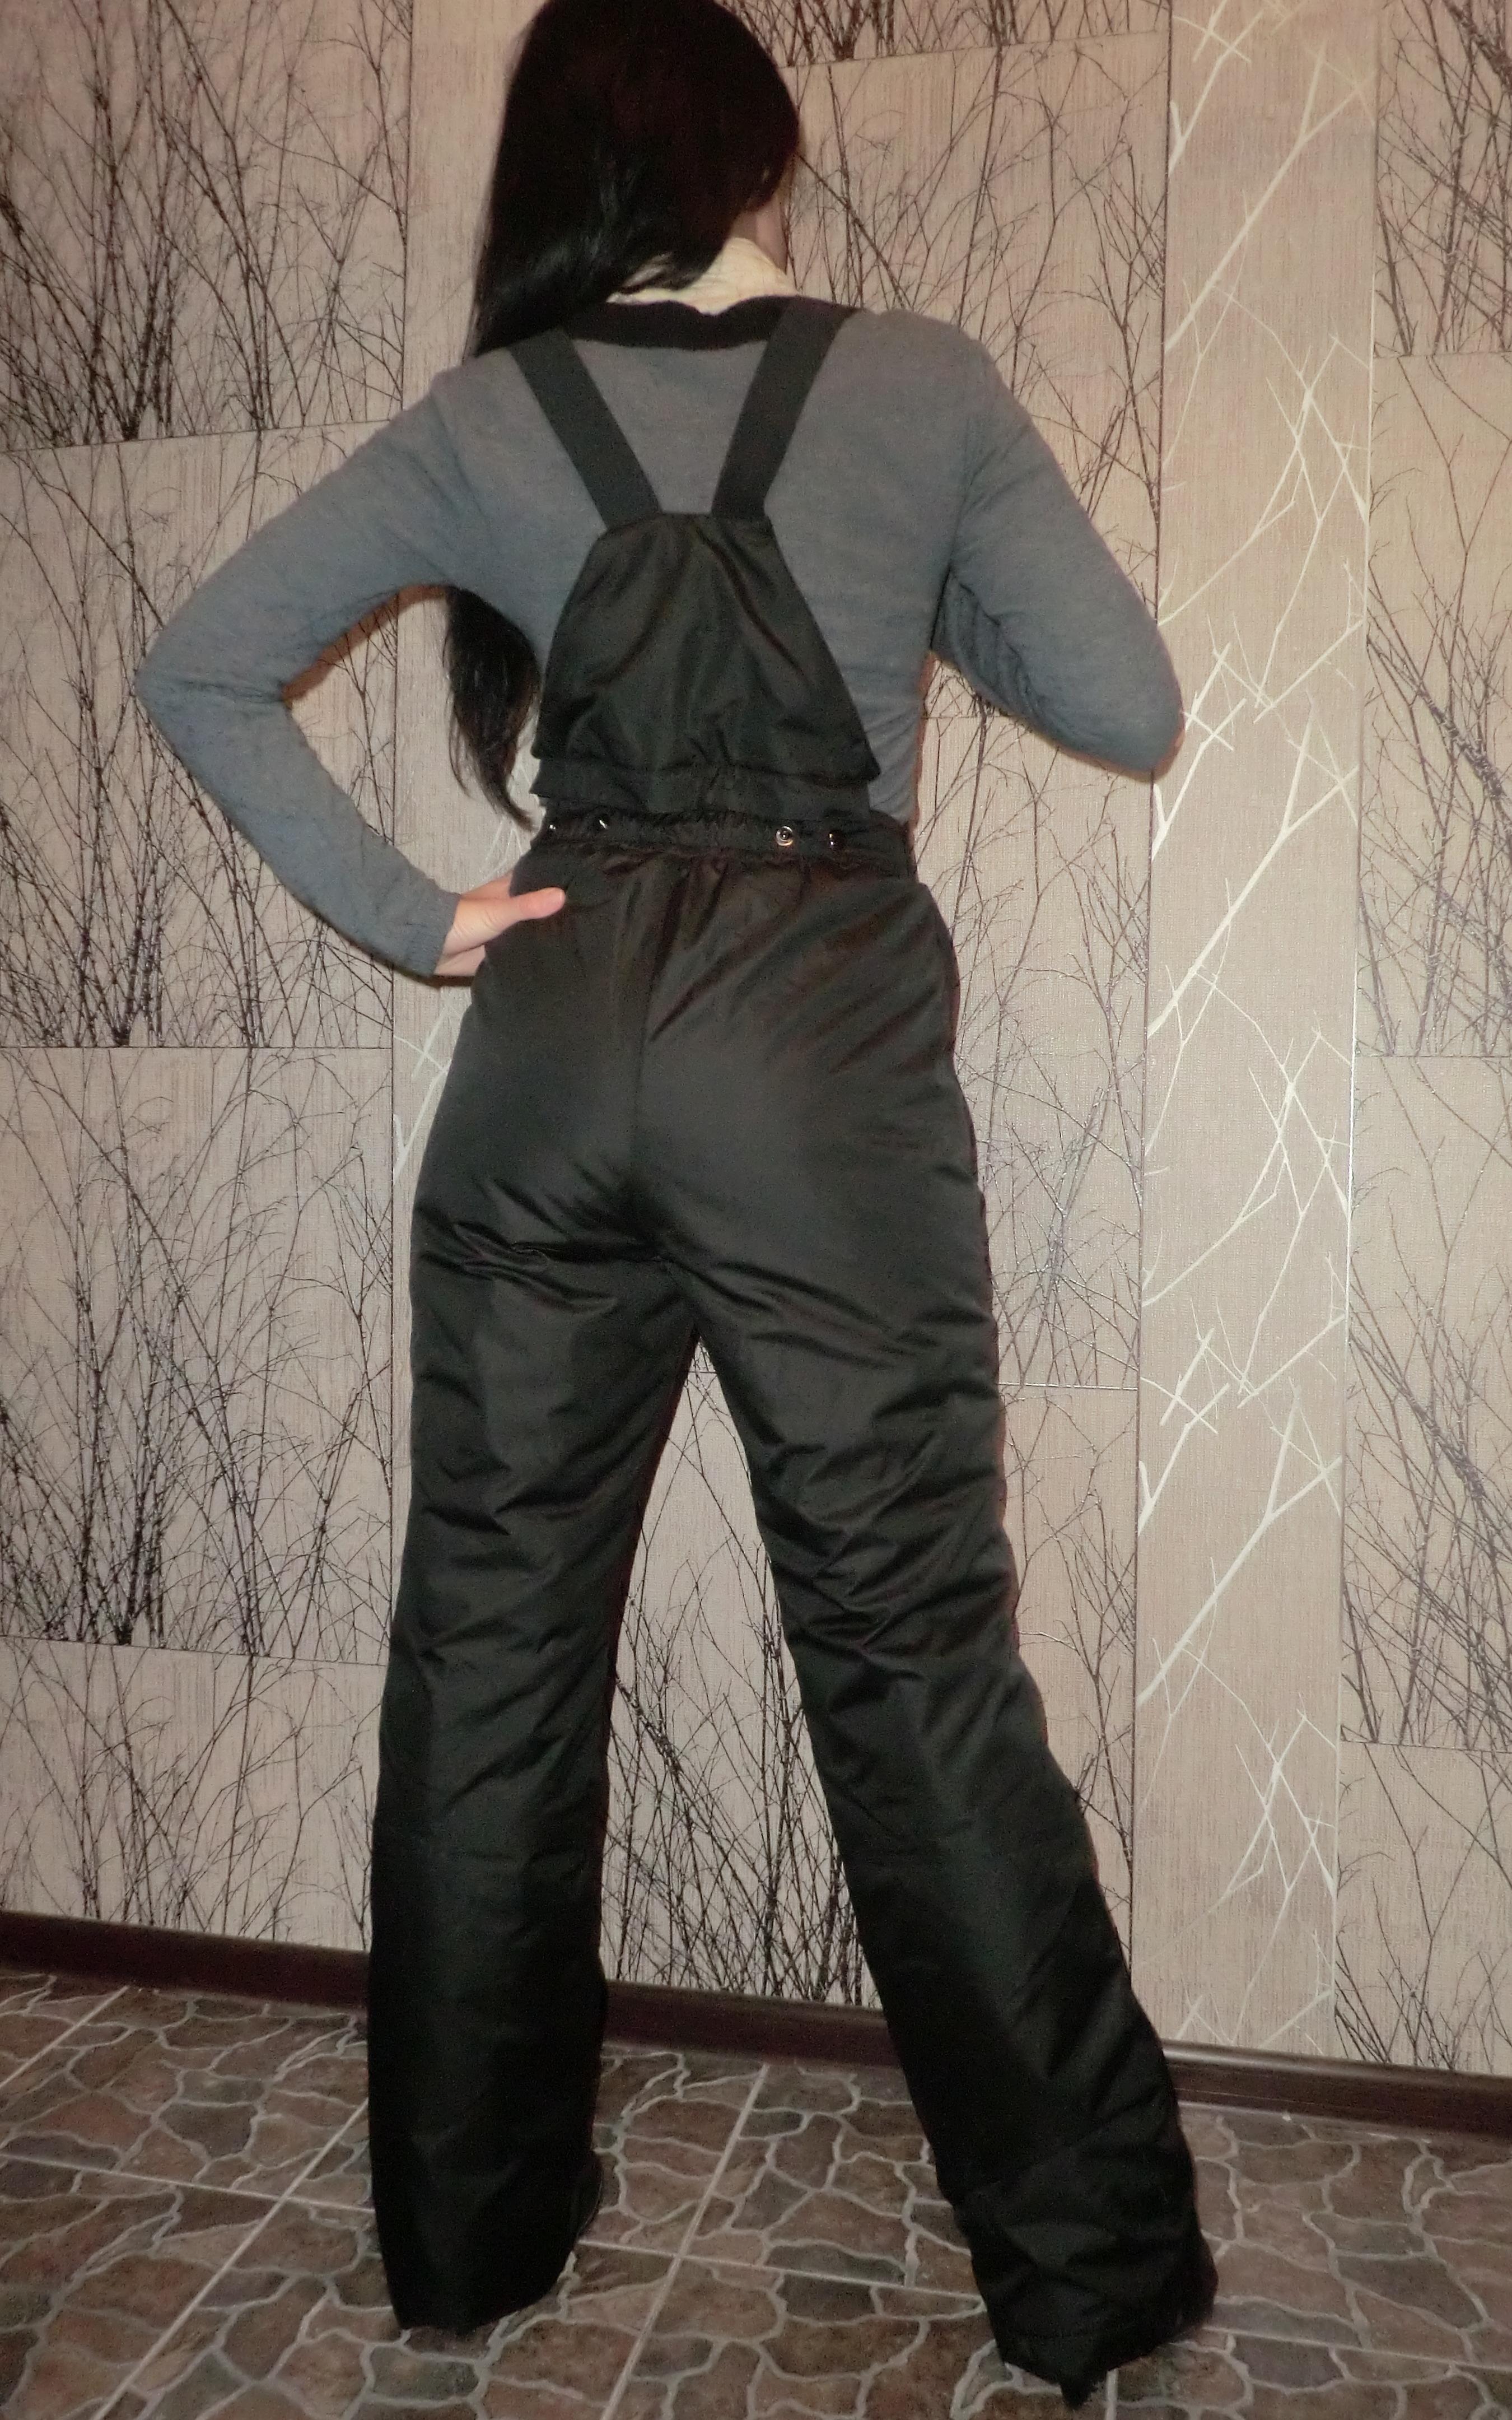 Фото женщины в теплых штанах вид сзади 17 фотография